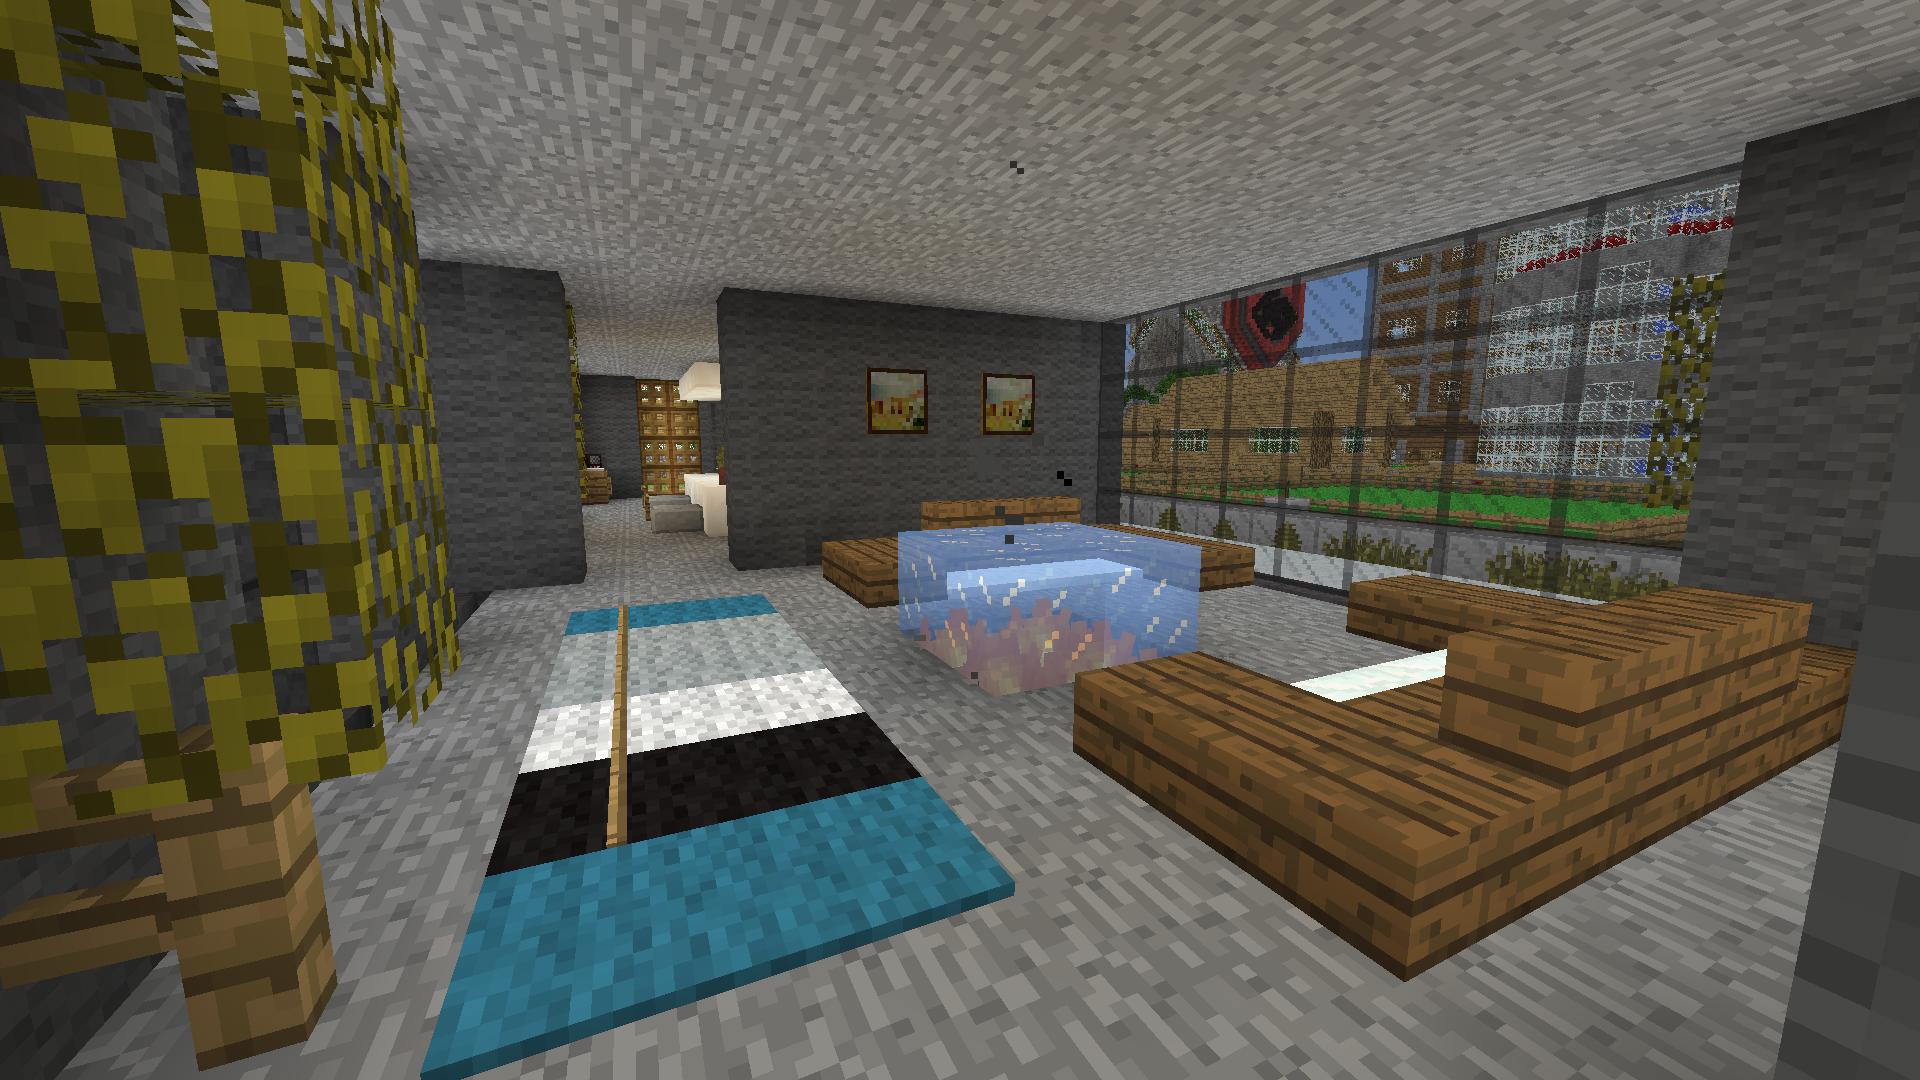 Minecraft Wohnzimmer Bauen Seldeon Innen Wohnzimmer Design